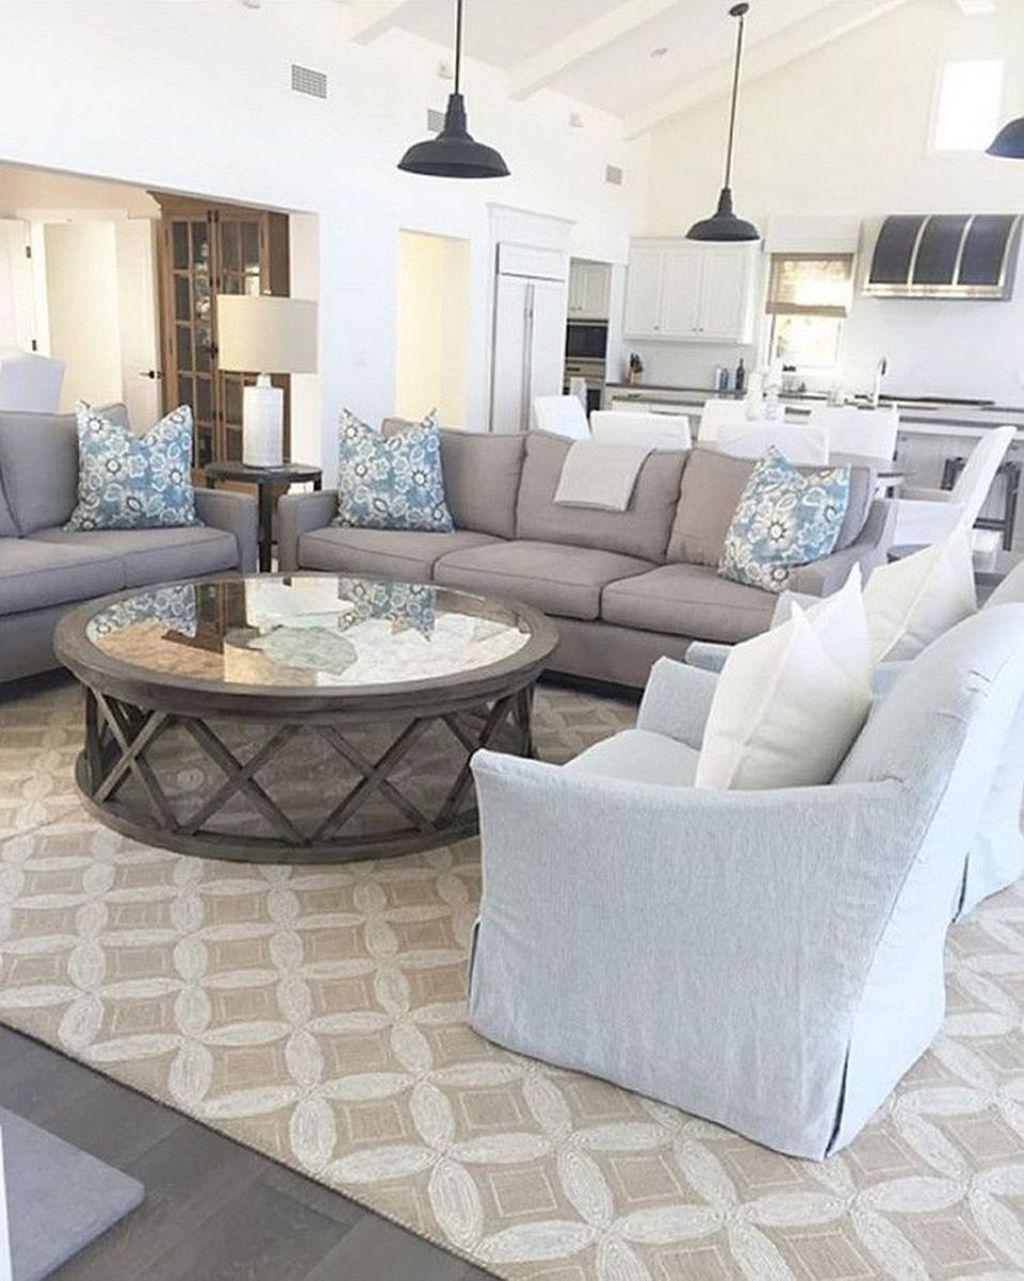 40 Cozy Living Room Decorating Ideas: 40 Cozy Coastal Themed Living Room Decorating Ideas